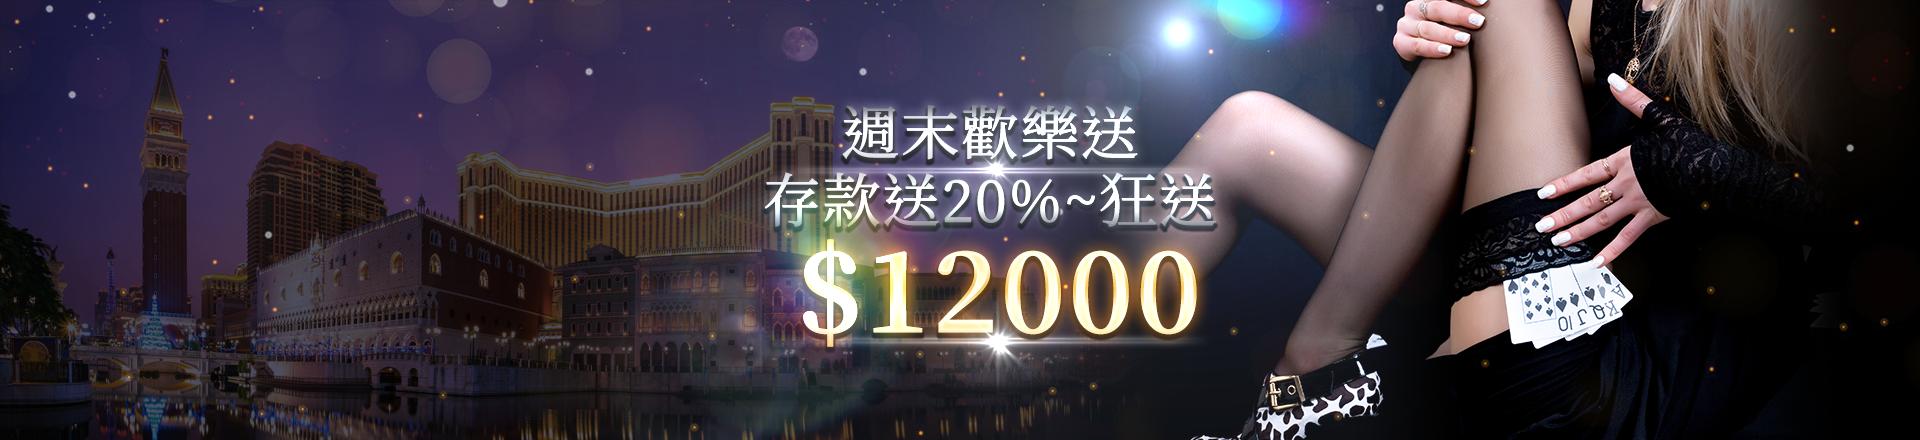 永豐娛樂城-週末歡樂送!存款加贈20%~狂送12000!